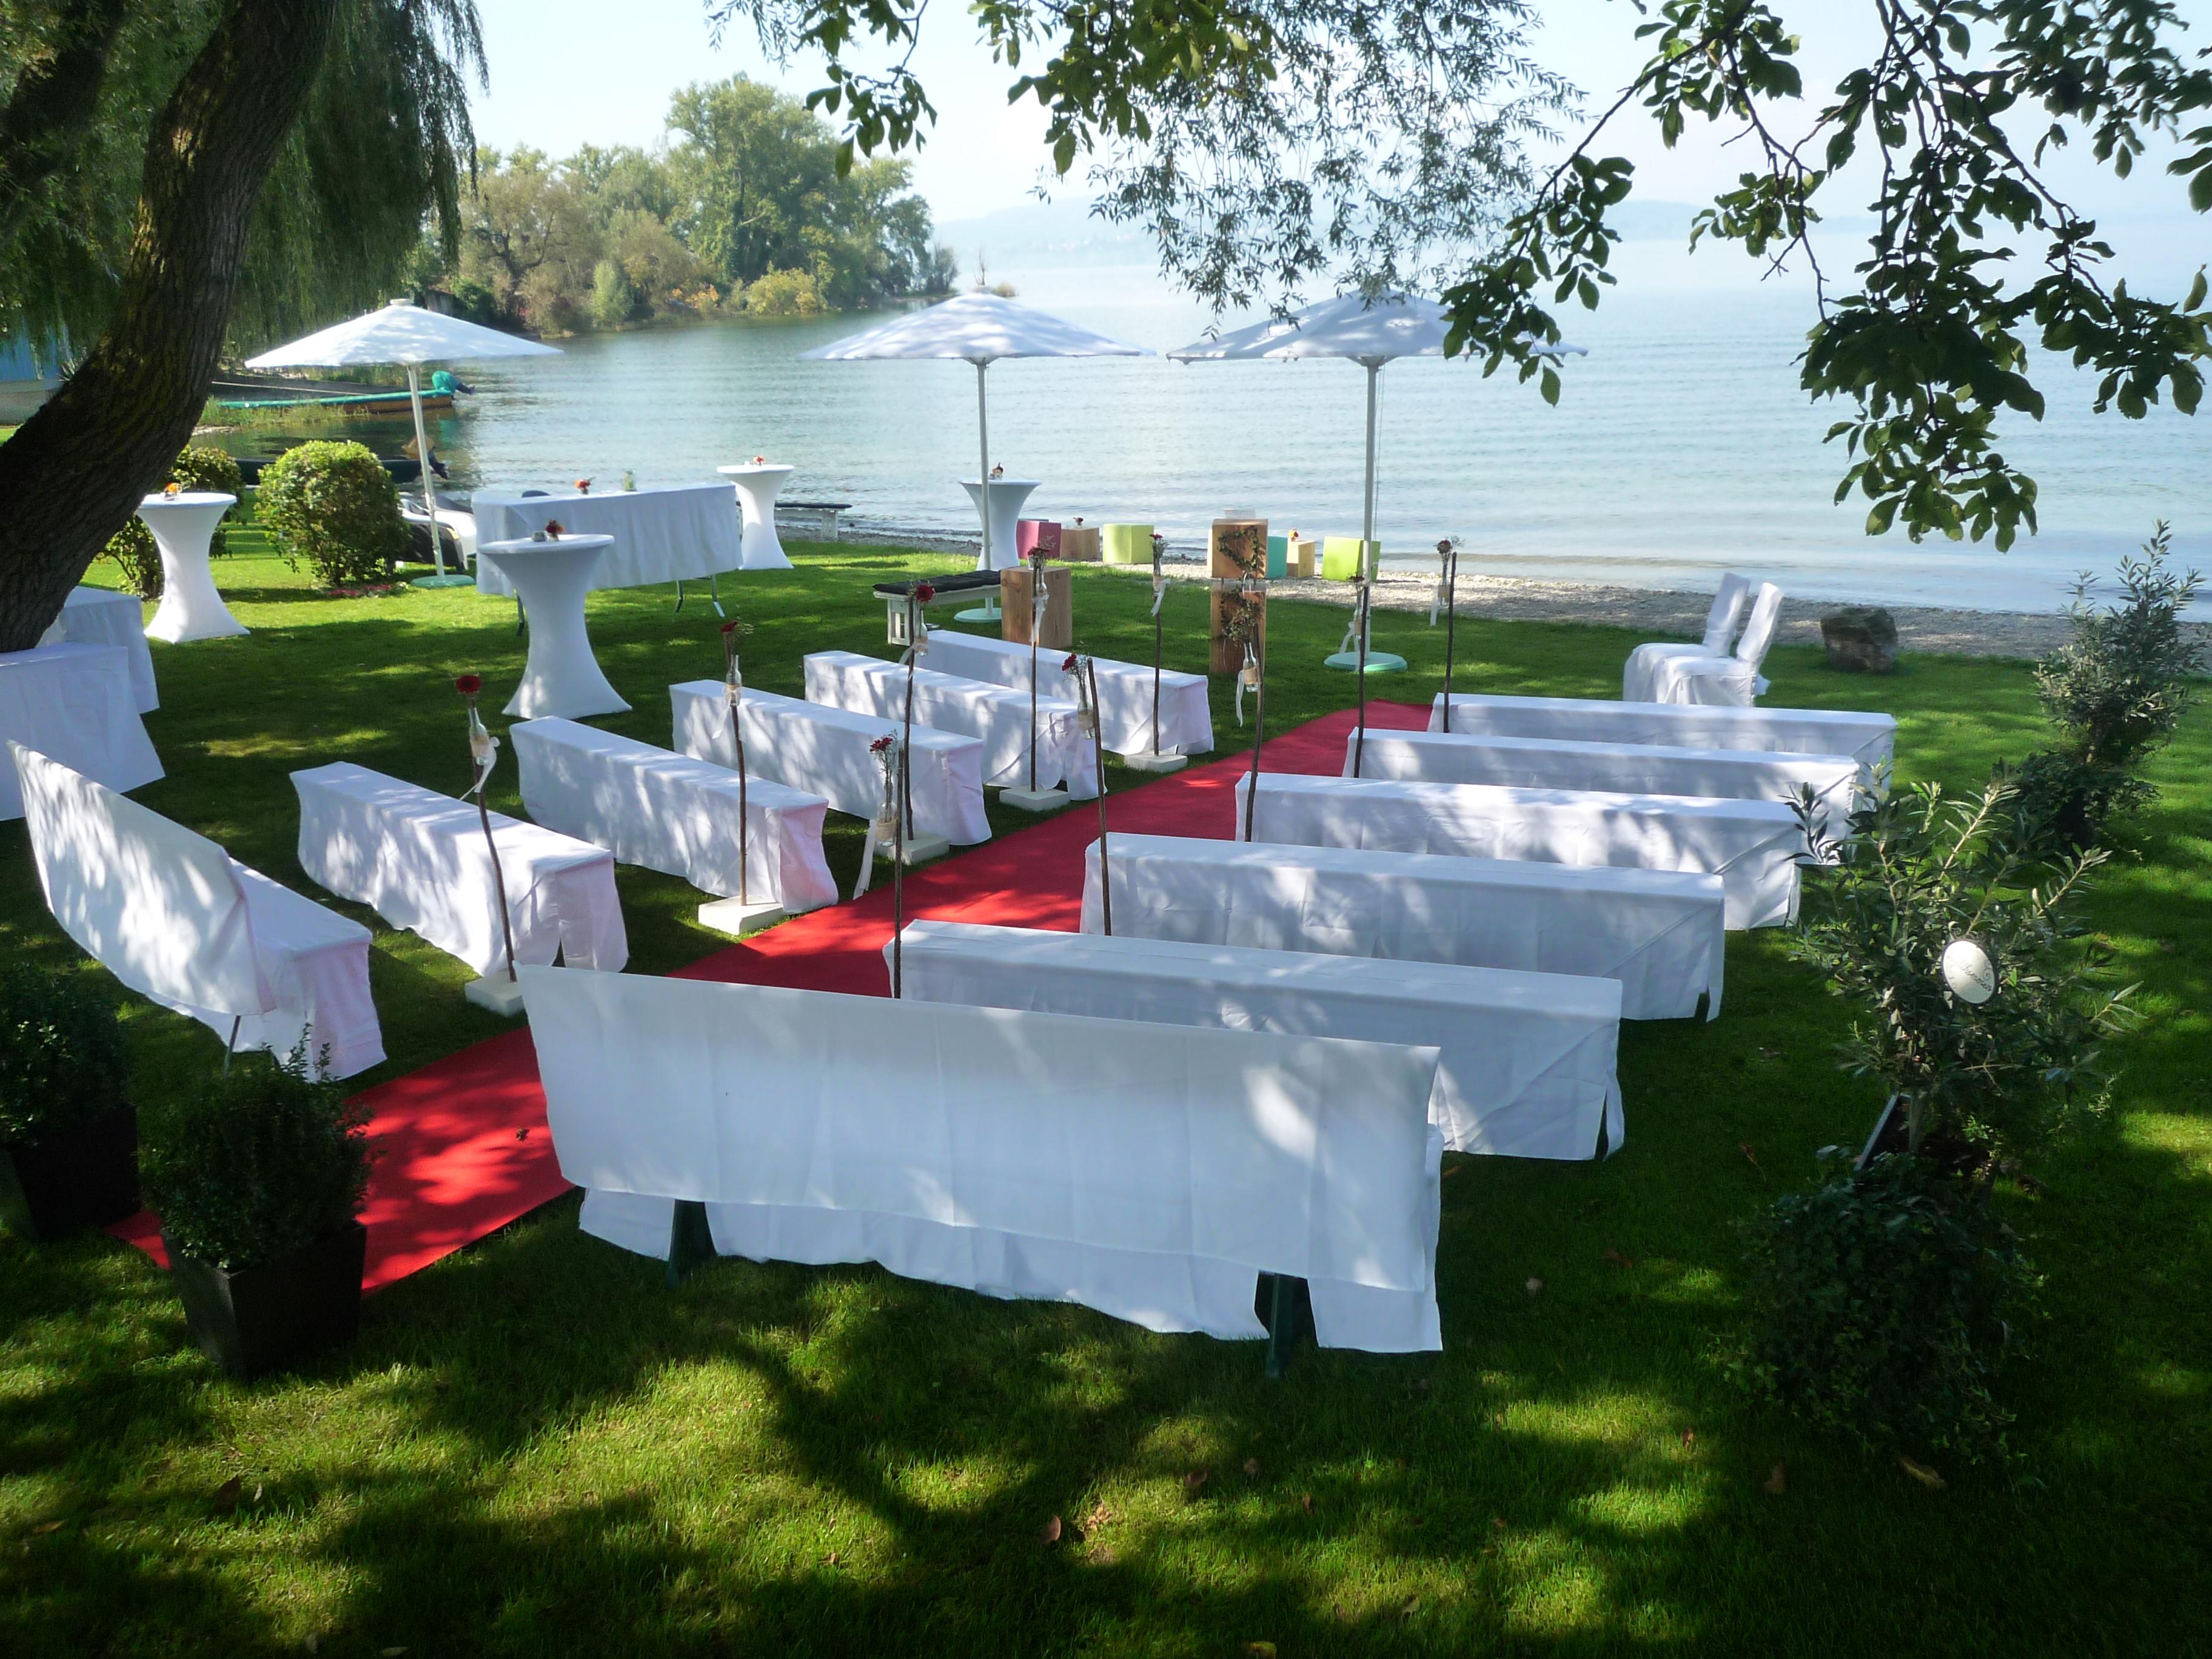 Location am See - Sitzmöglichkeiten mit Hussen